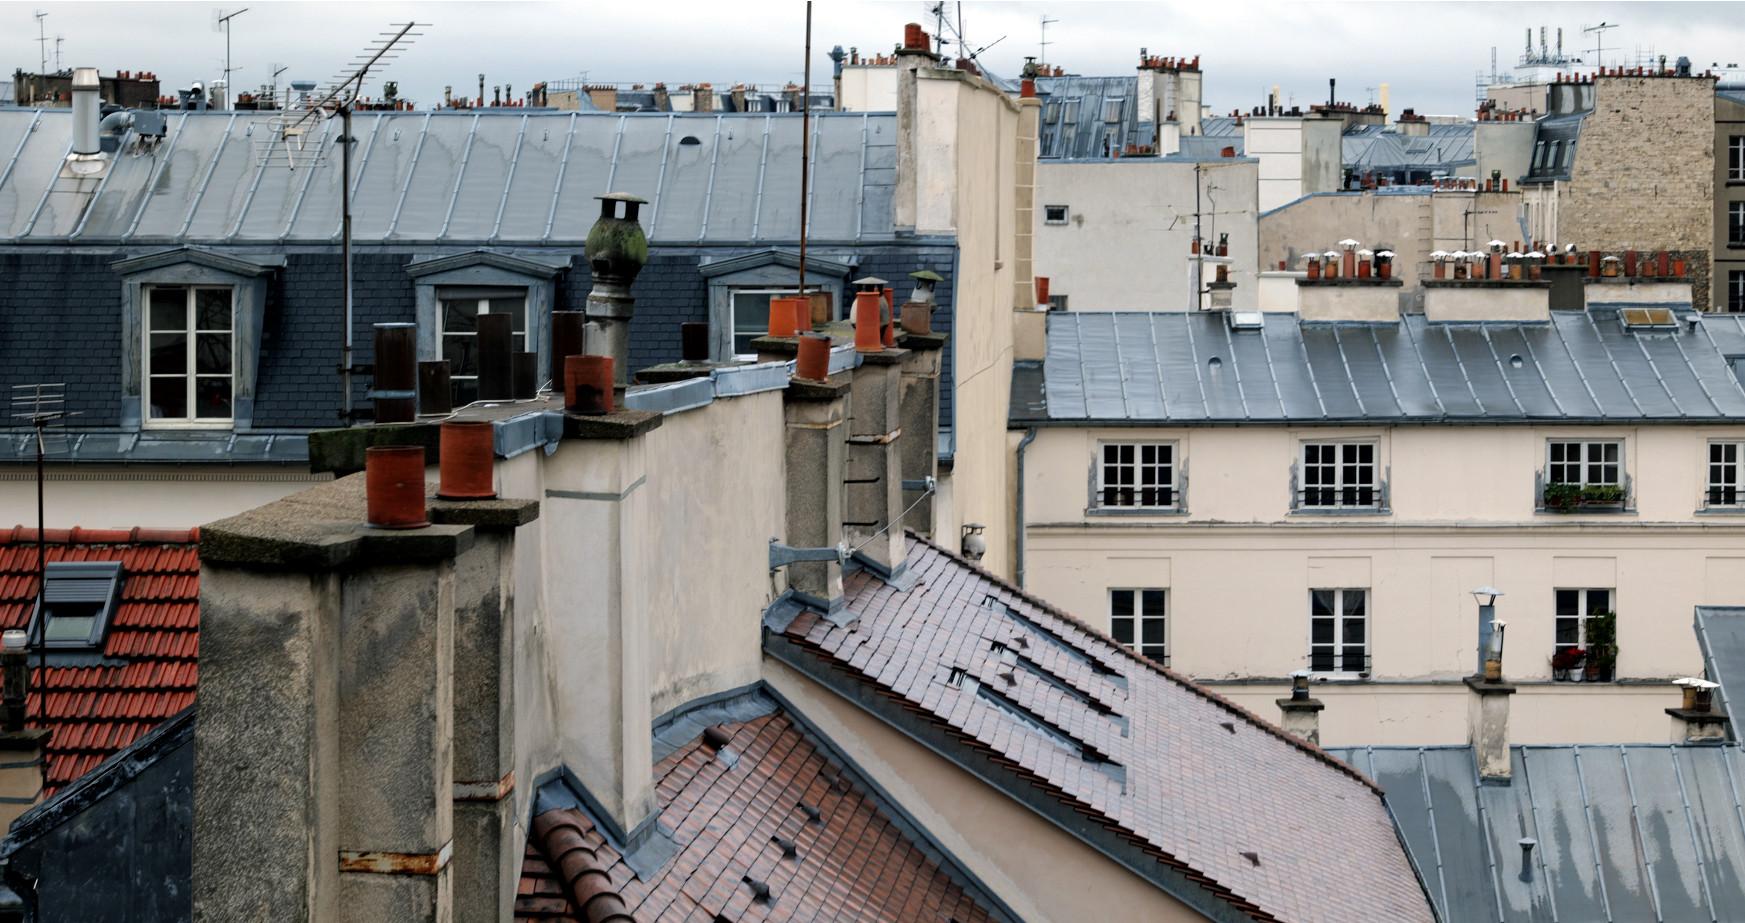 Les toits de Paris depuis la terrasse du CRI - vous êtes enfin arrivés au (à?) bout de la série!